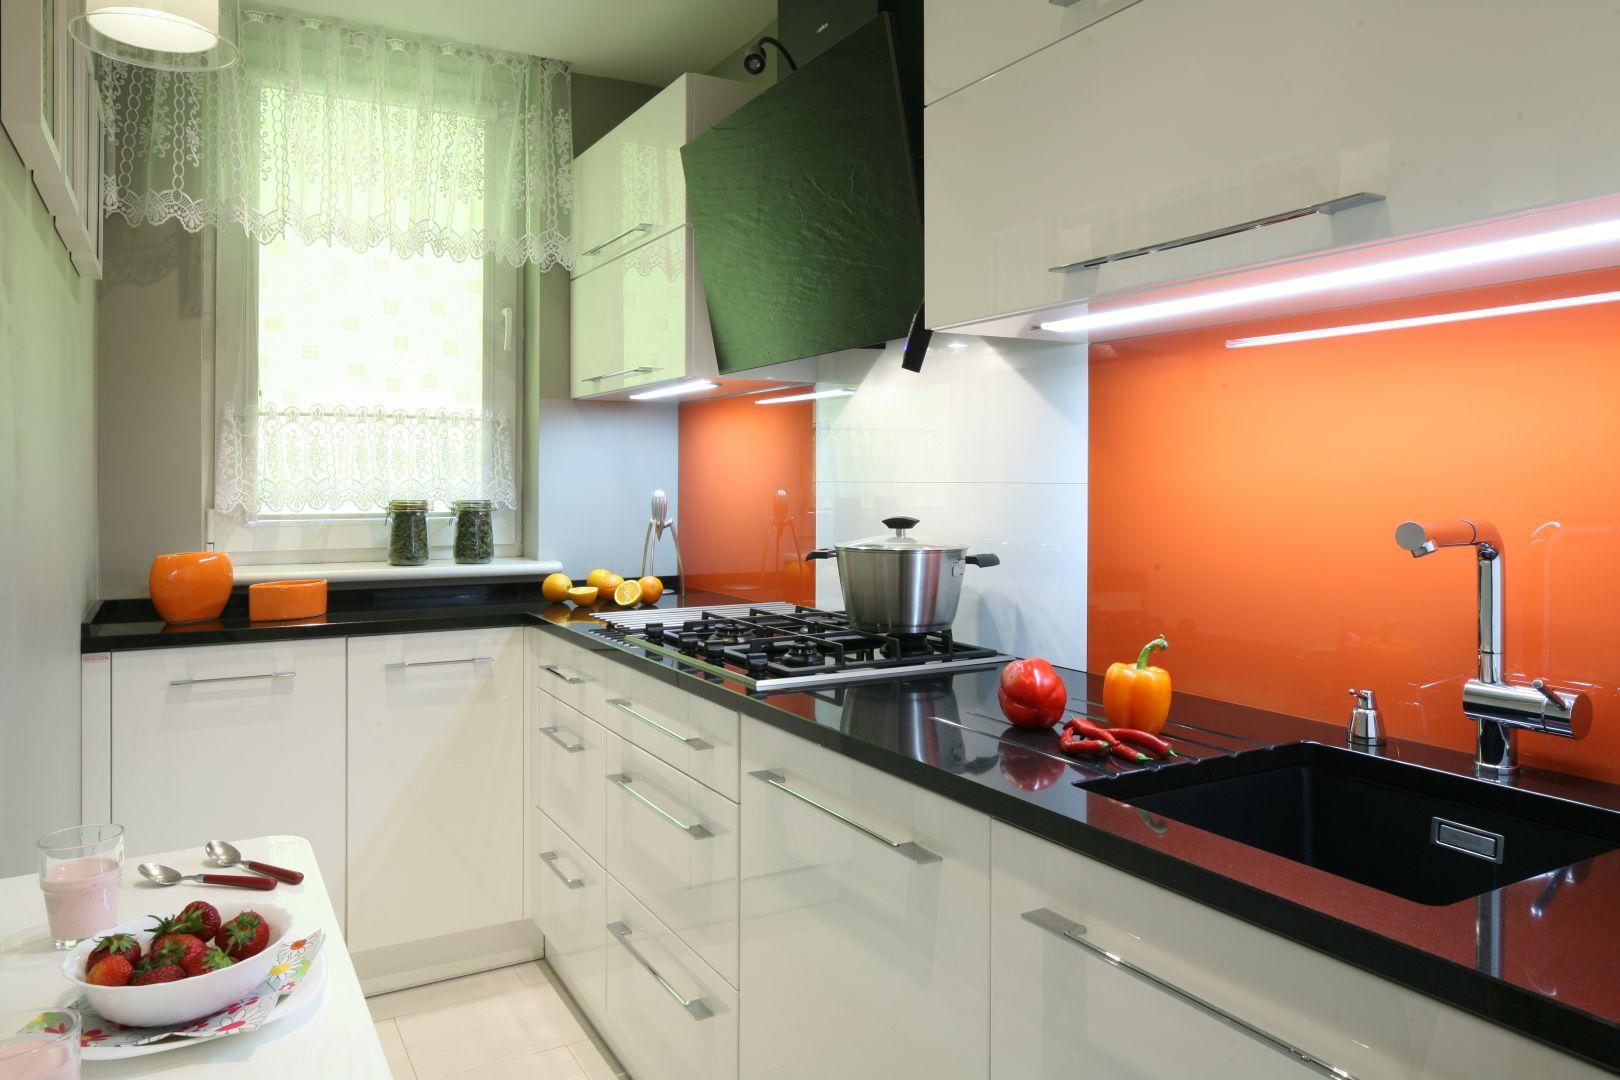 Kuchnia w bloku - 5 pomysłów na urządzenie